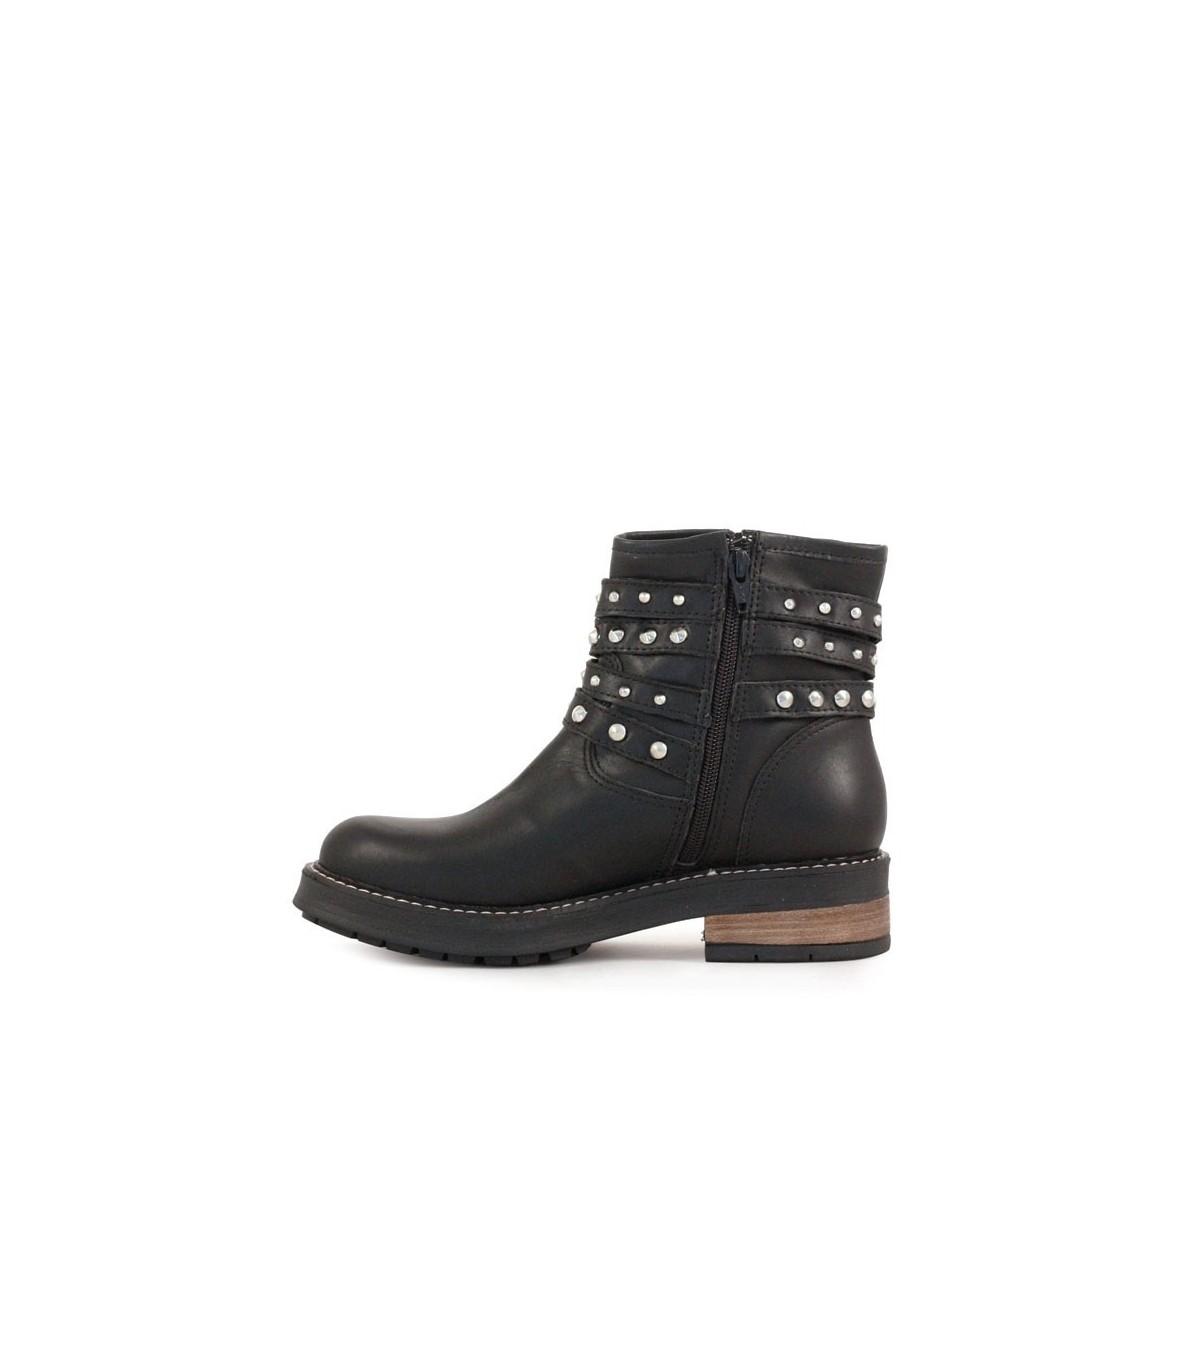 142456c756fb7 Botas de cortas de cuero negro – Botas de mujer – Batistella.com.ar